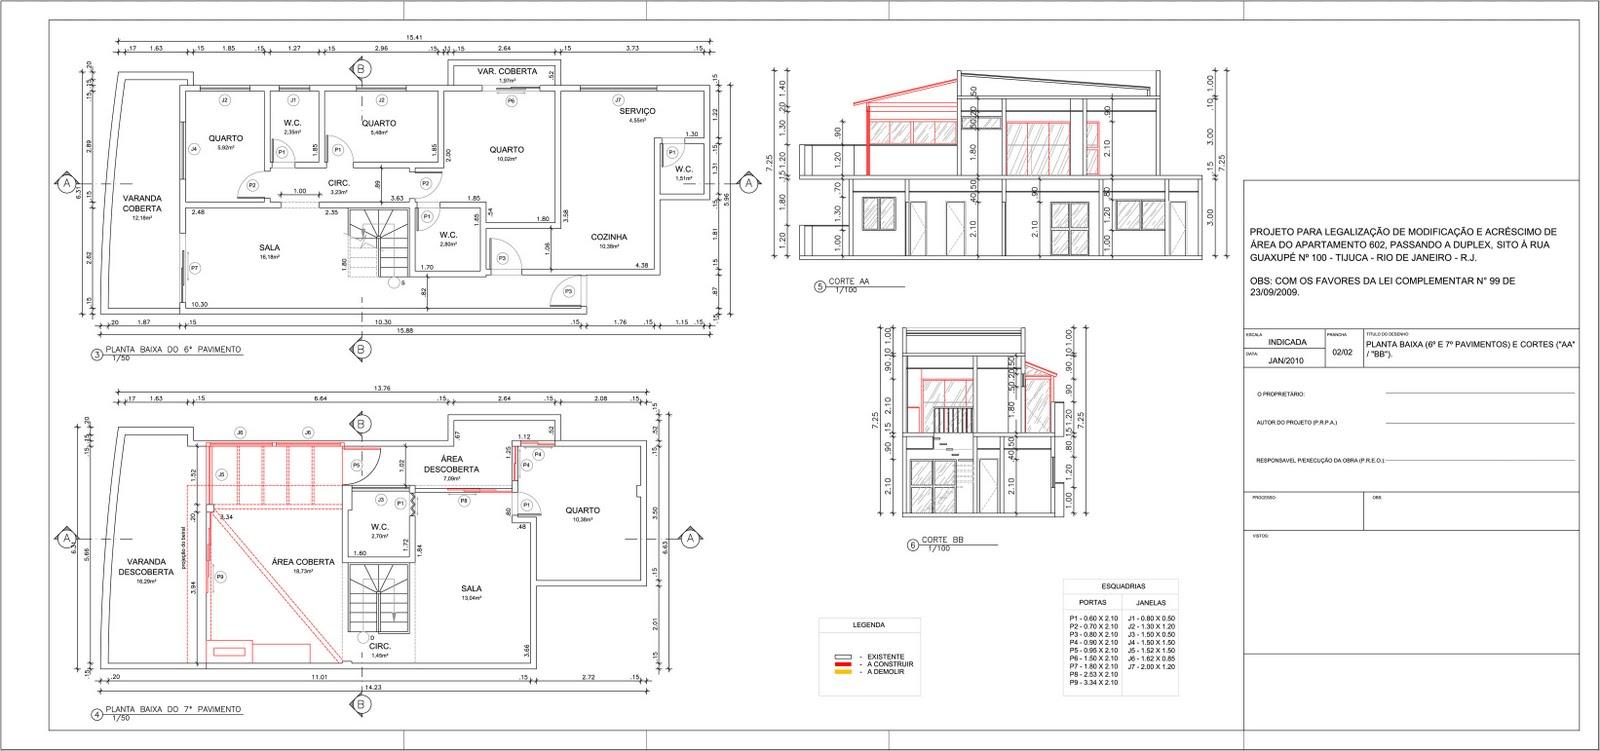 Conhecido Dico Mattos: Trabalho desenho arquitetura - Planta baixa cobertura 2 KX66